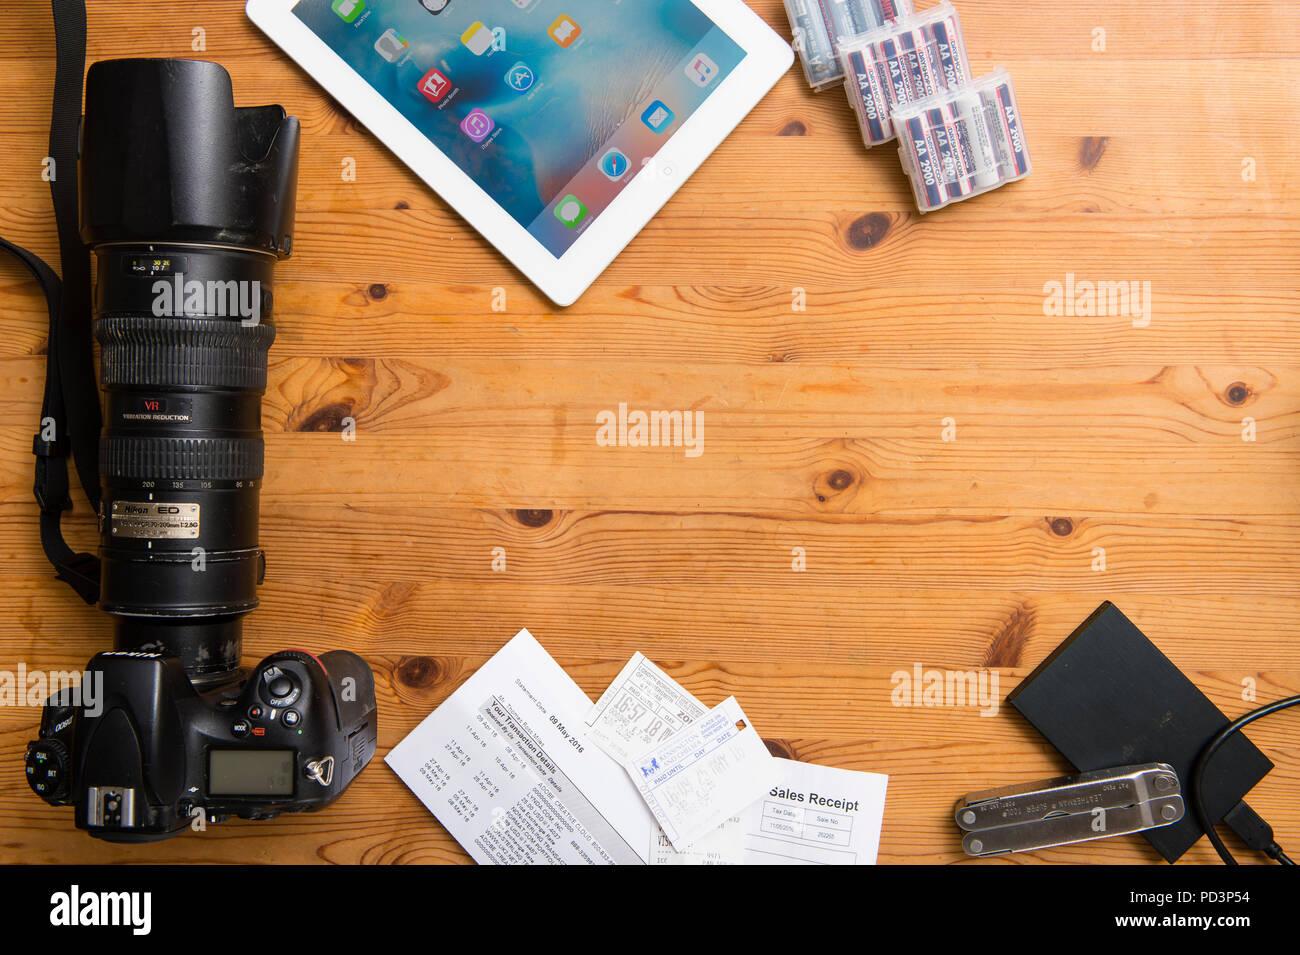 Vue du haut vers le bas de l'équipement de l'appareil photo, l'ipad, les reçus, les batteries Photo Stock